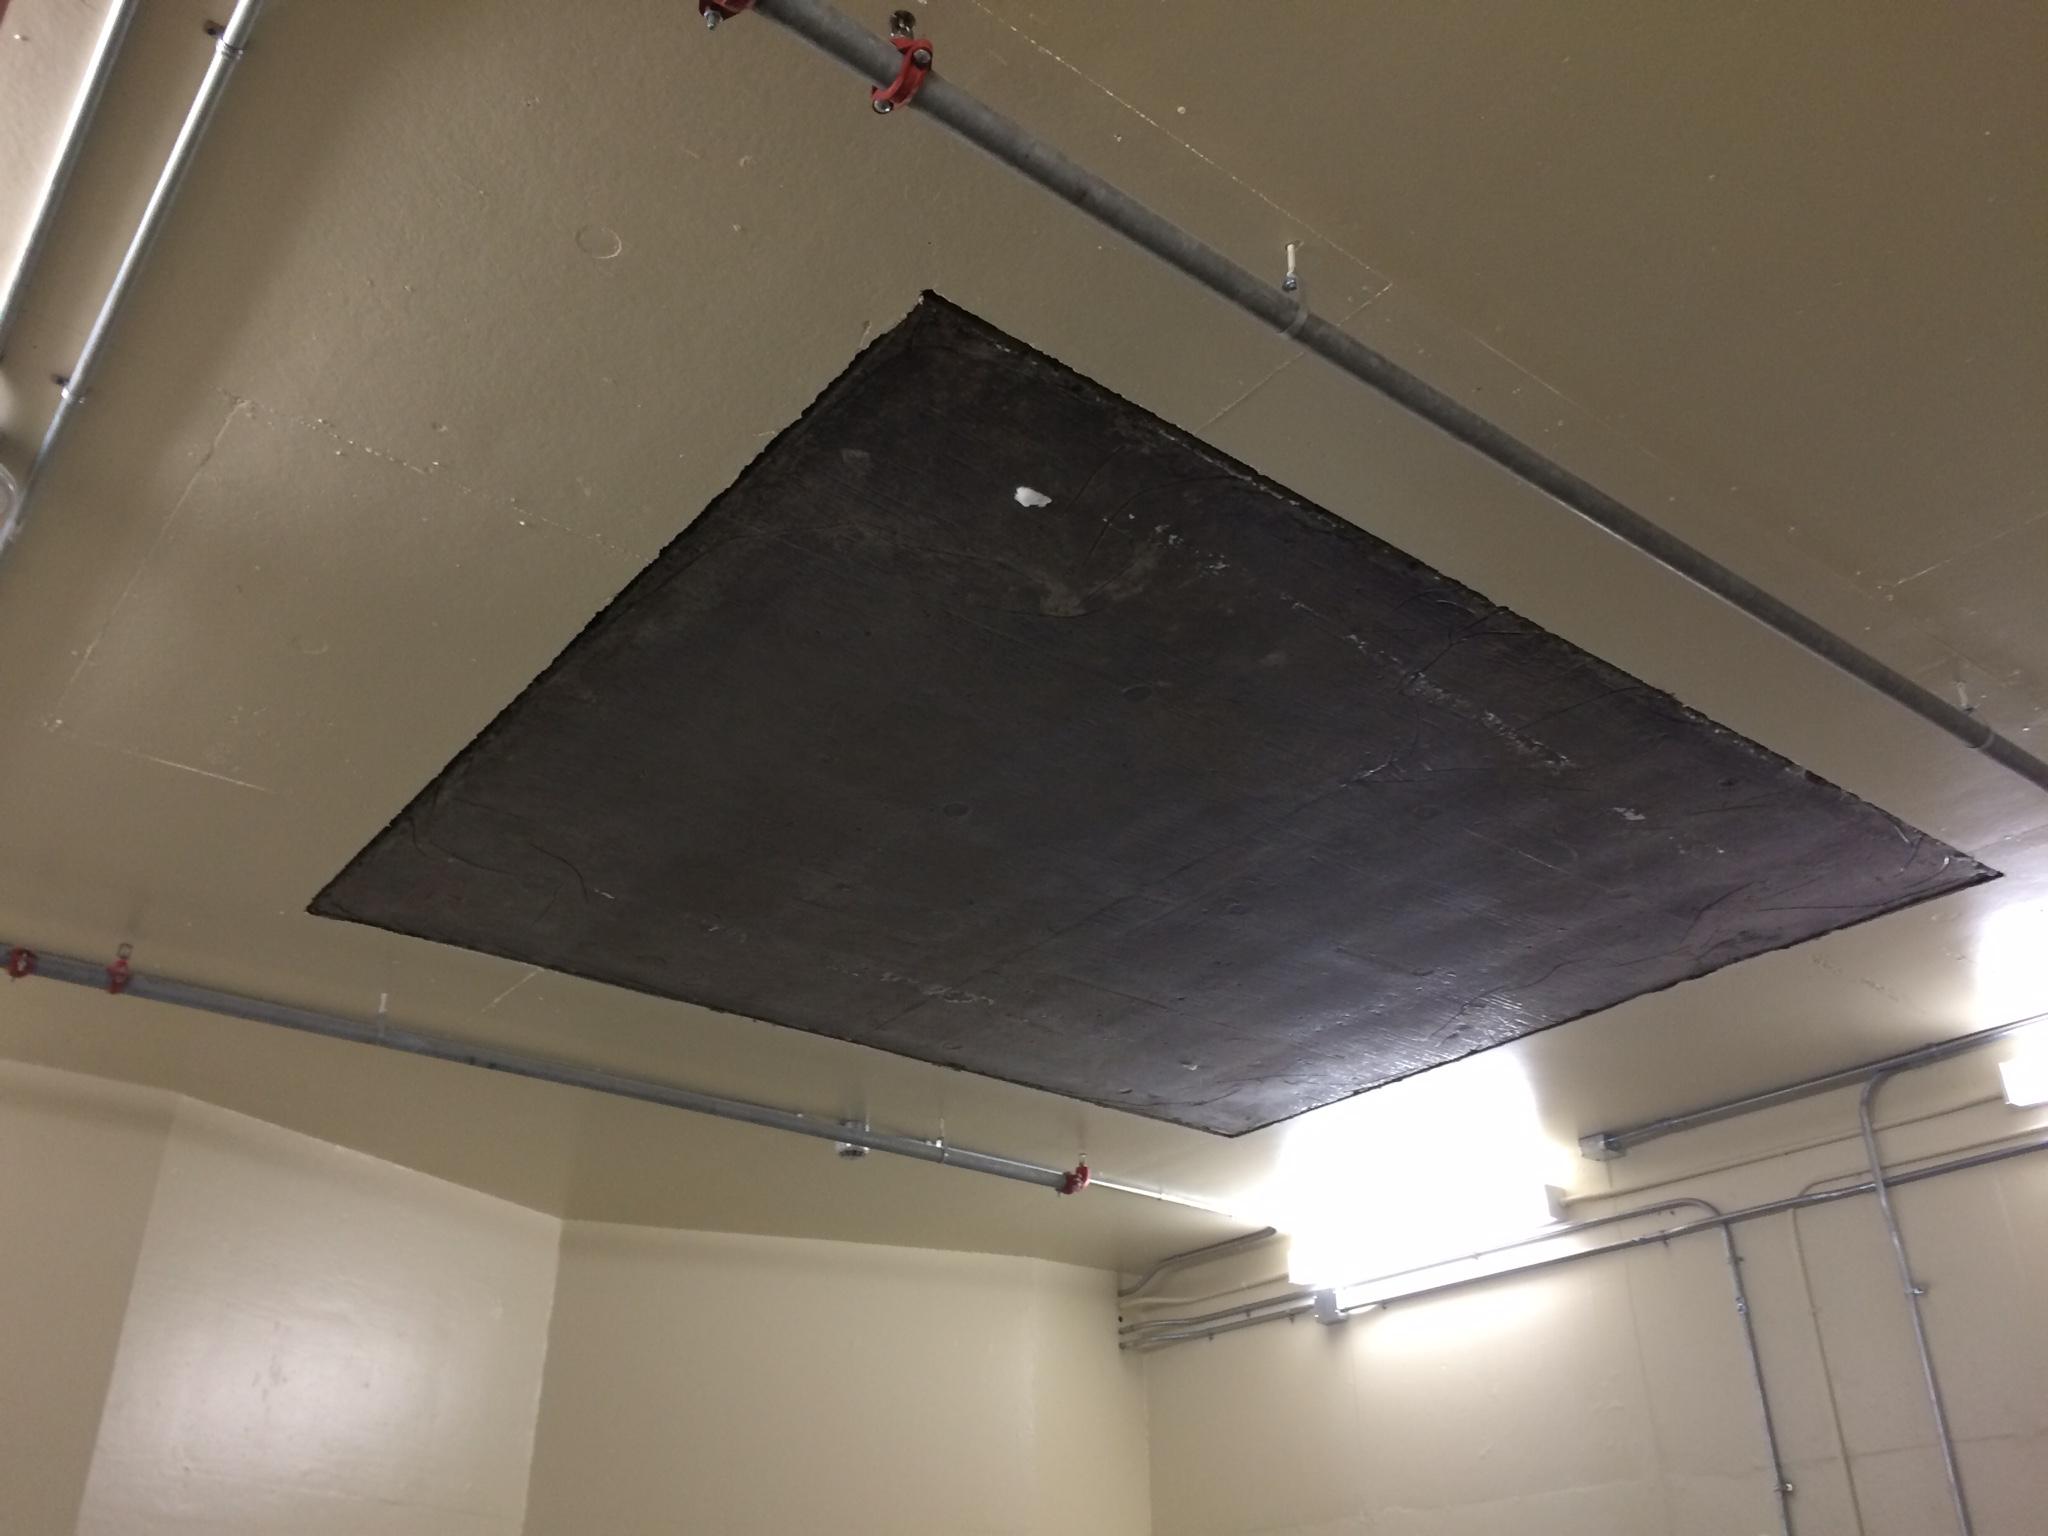 Ceiling plug